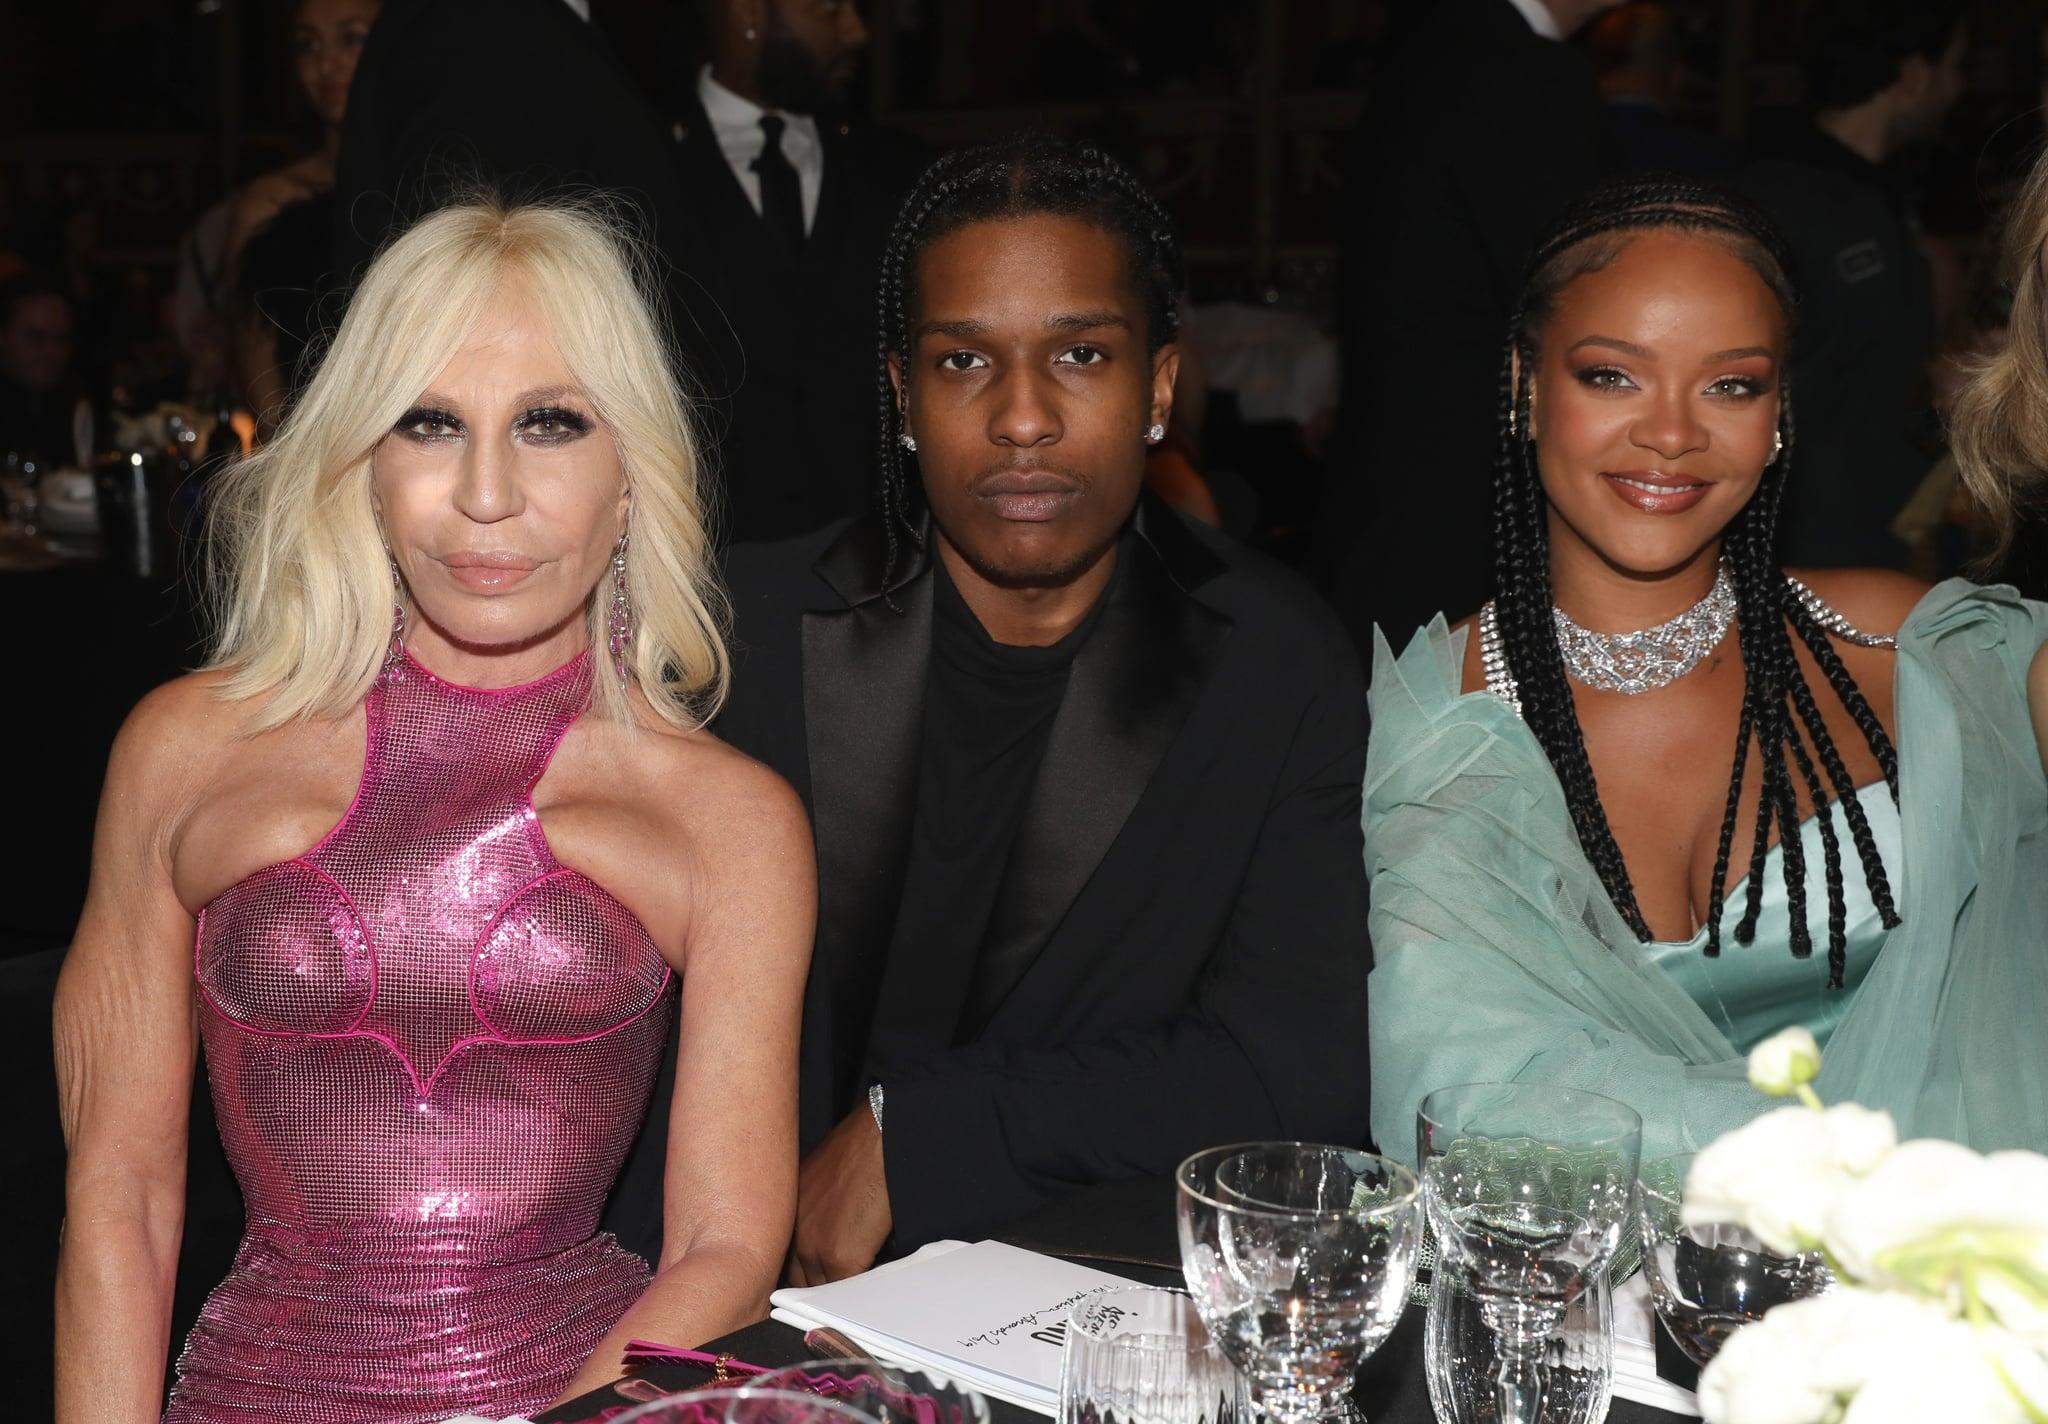 är ASAP Rocky dating Rihanna